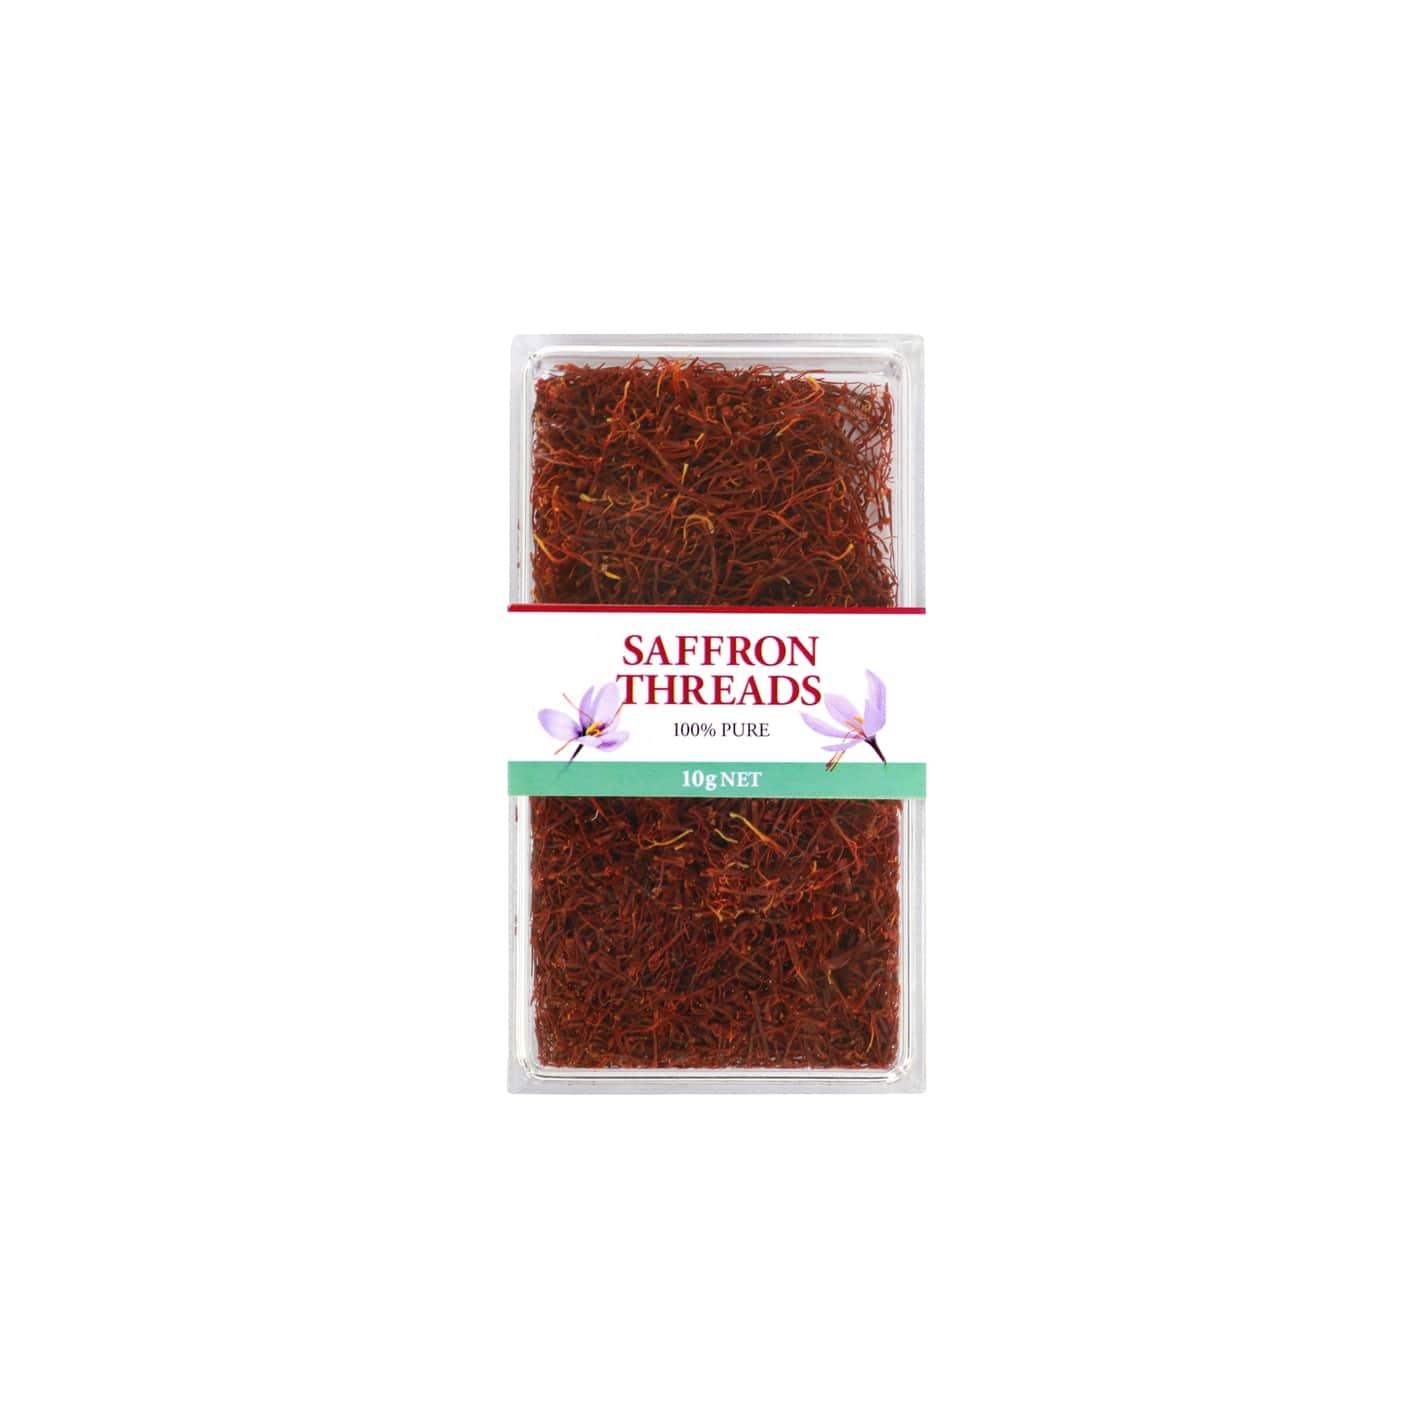 Saffron Threads 10g